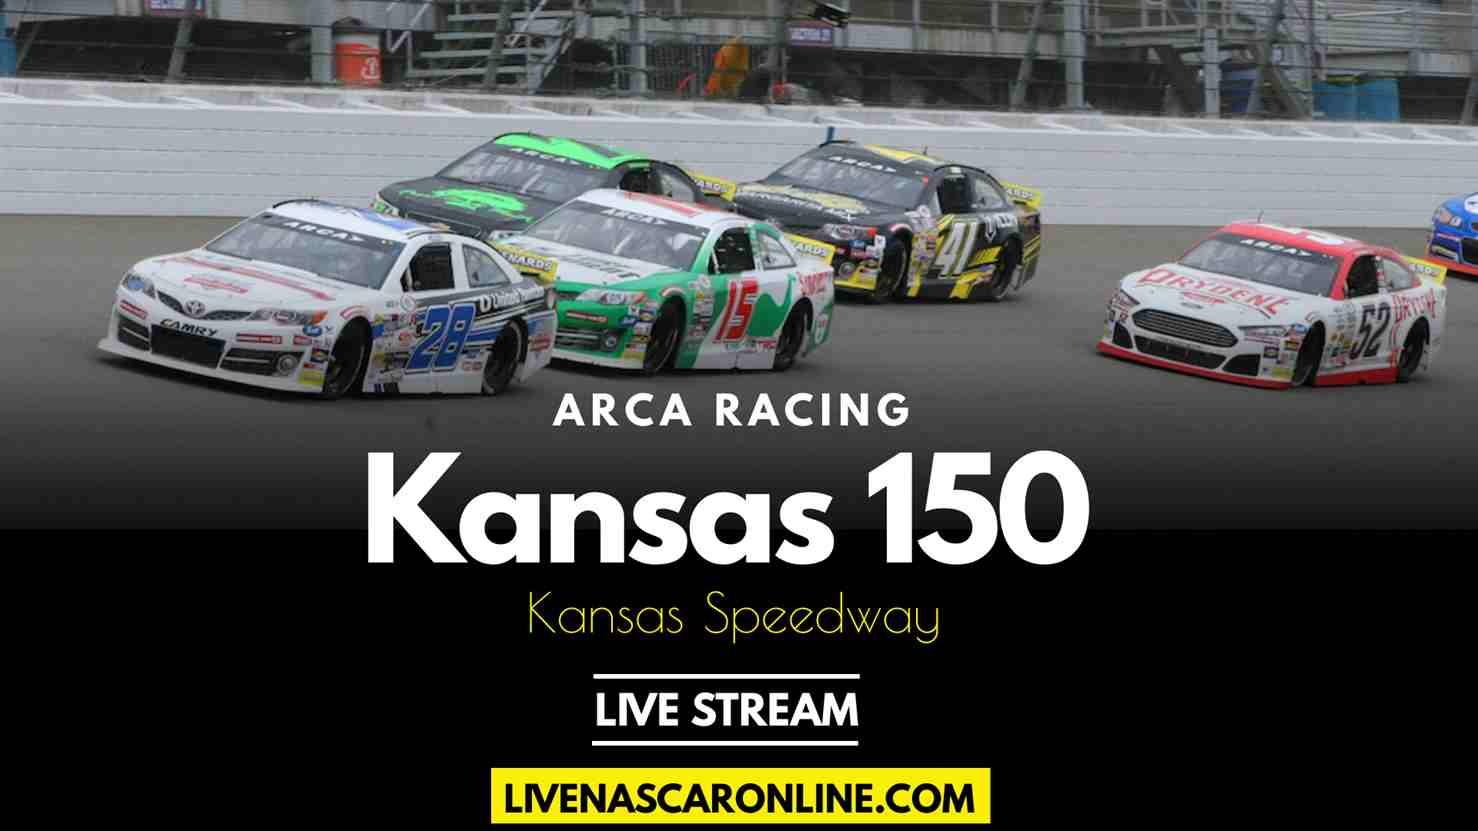 ARCA Kansas 150 Live Stream 2021